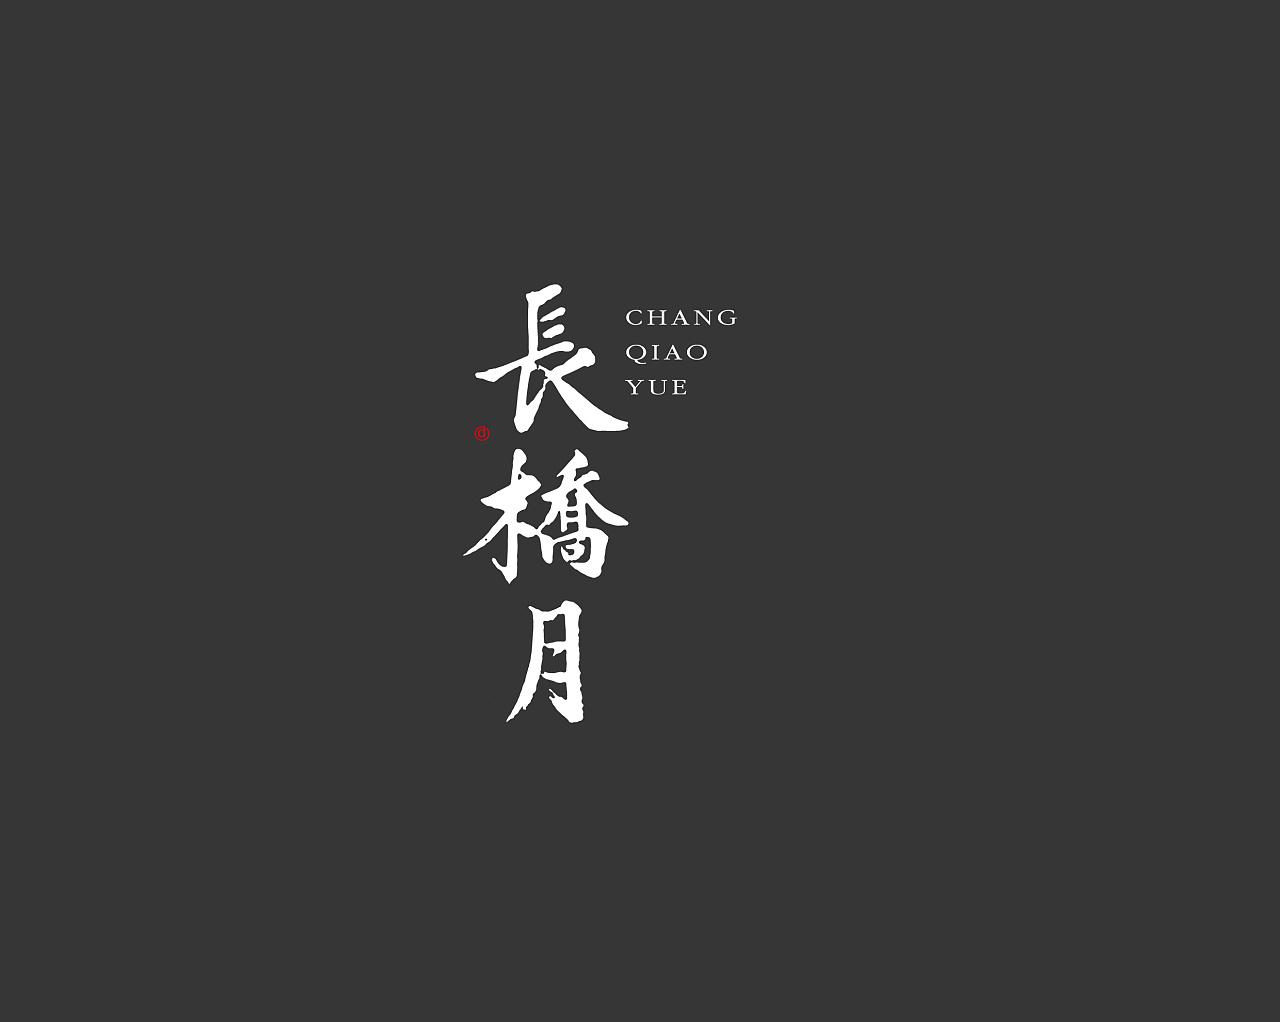 字体设计 中国传统文化 词牌名之-长桥月 br>图片